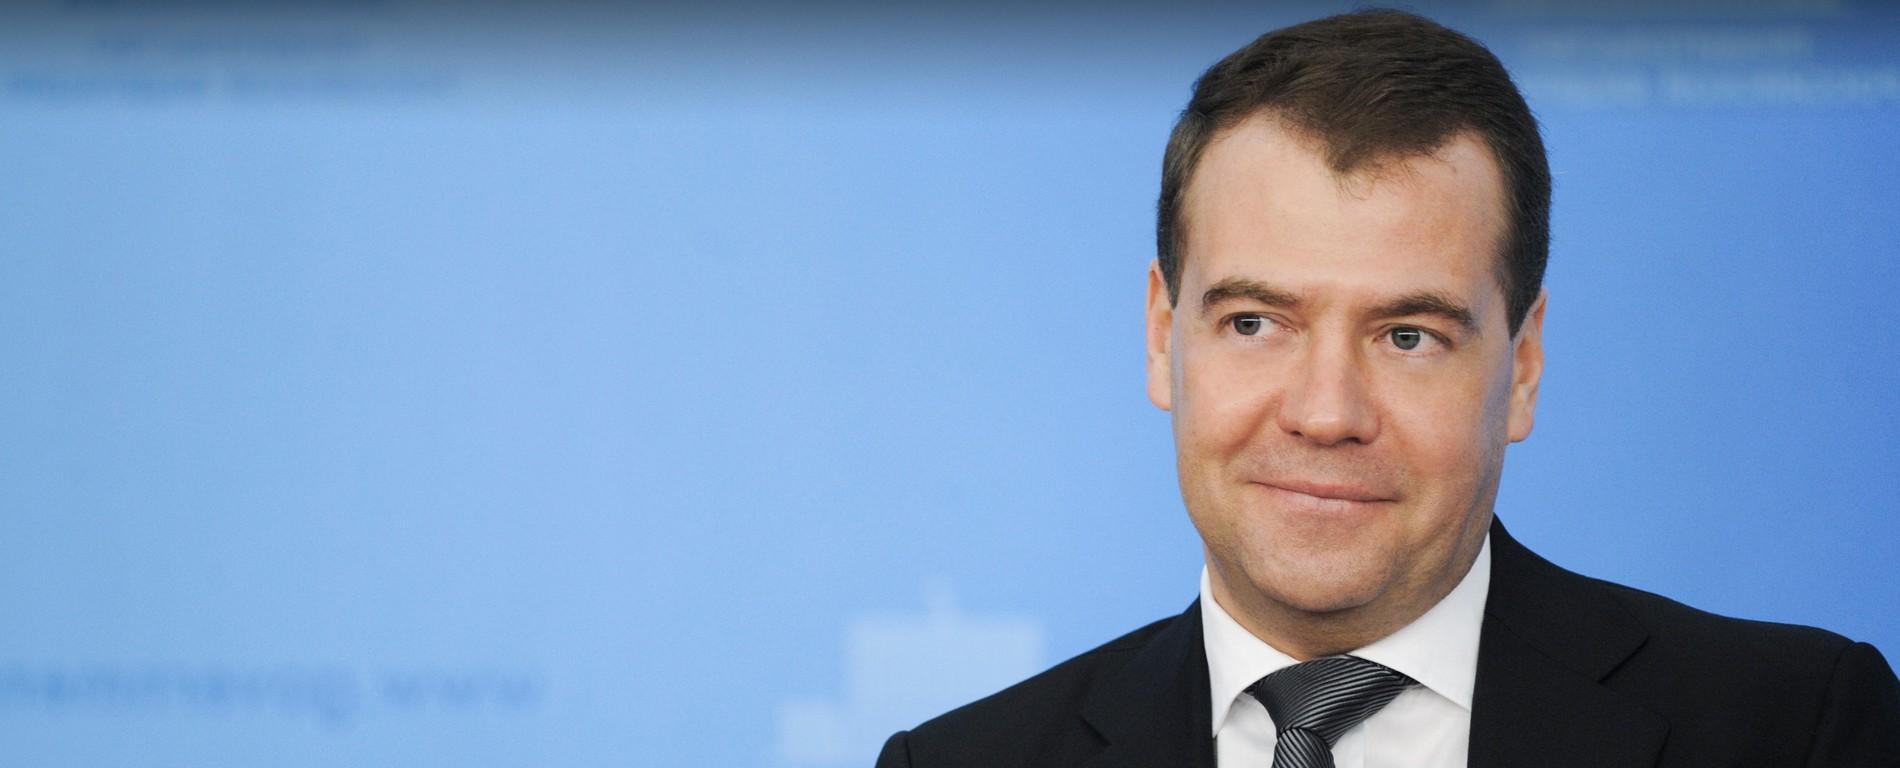 Дмитрий Медведев посещает Казанский университет